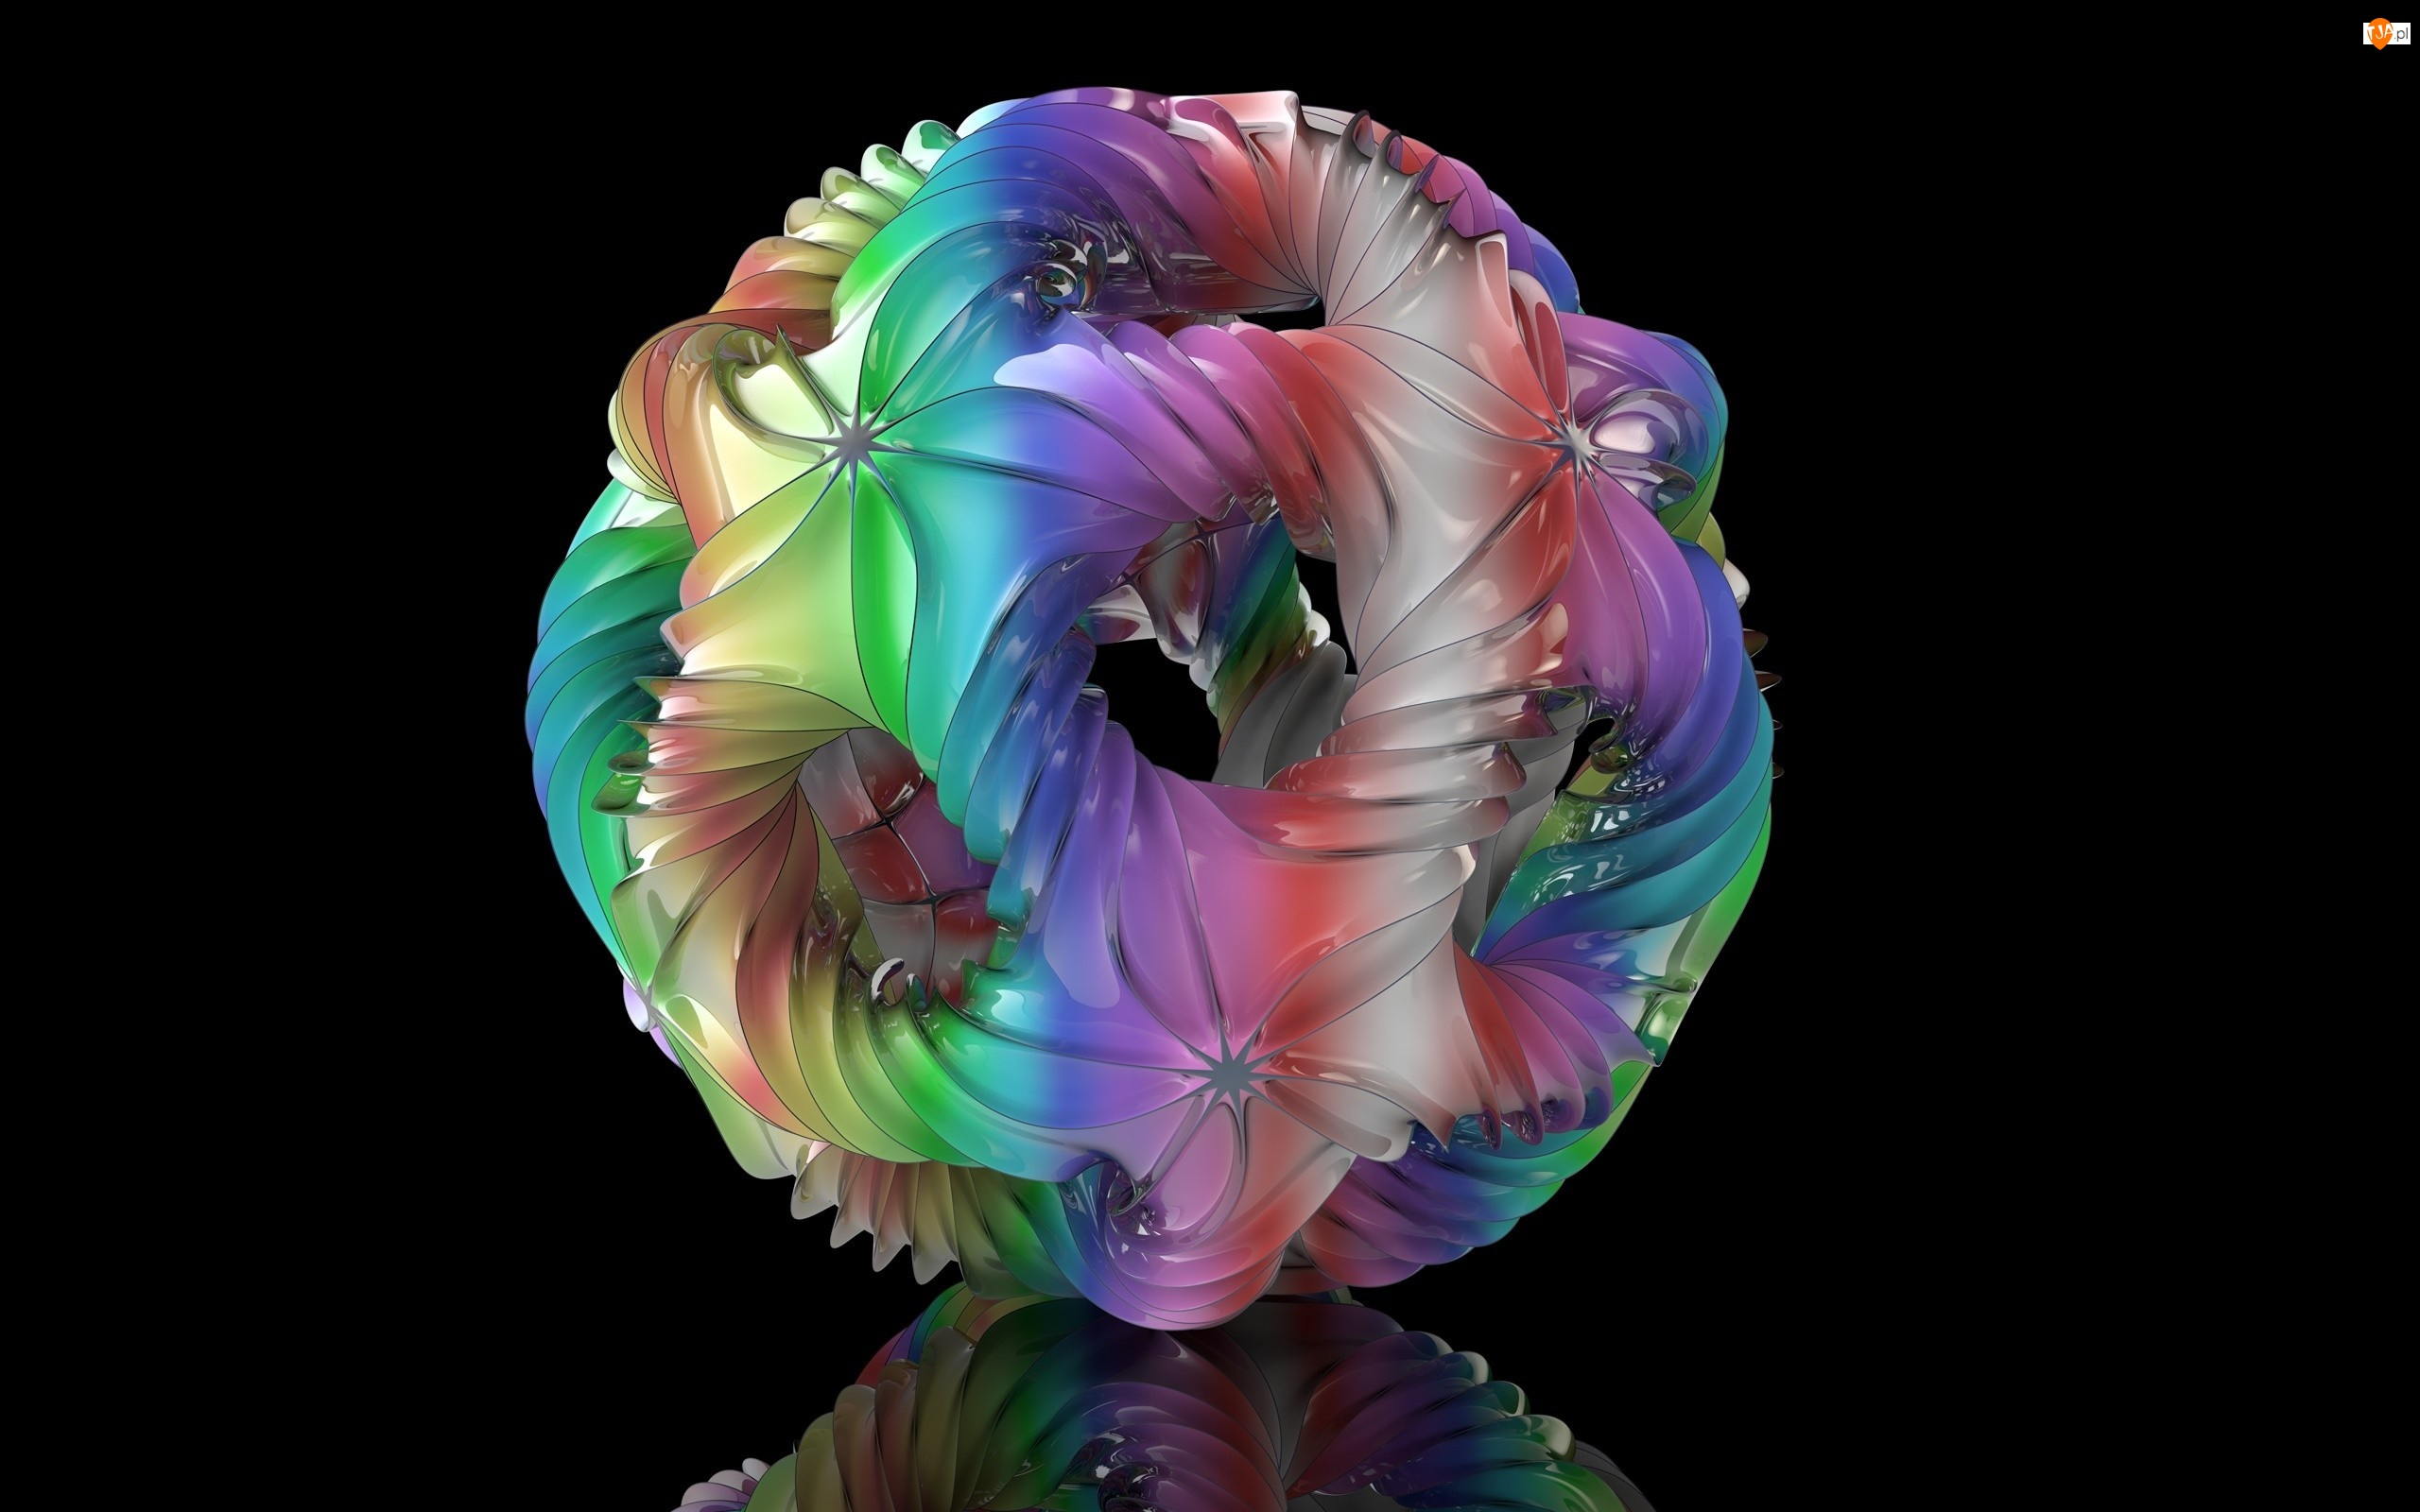 Grafika 3D, Czarne tło, Kula, Odbicie